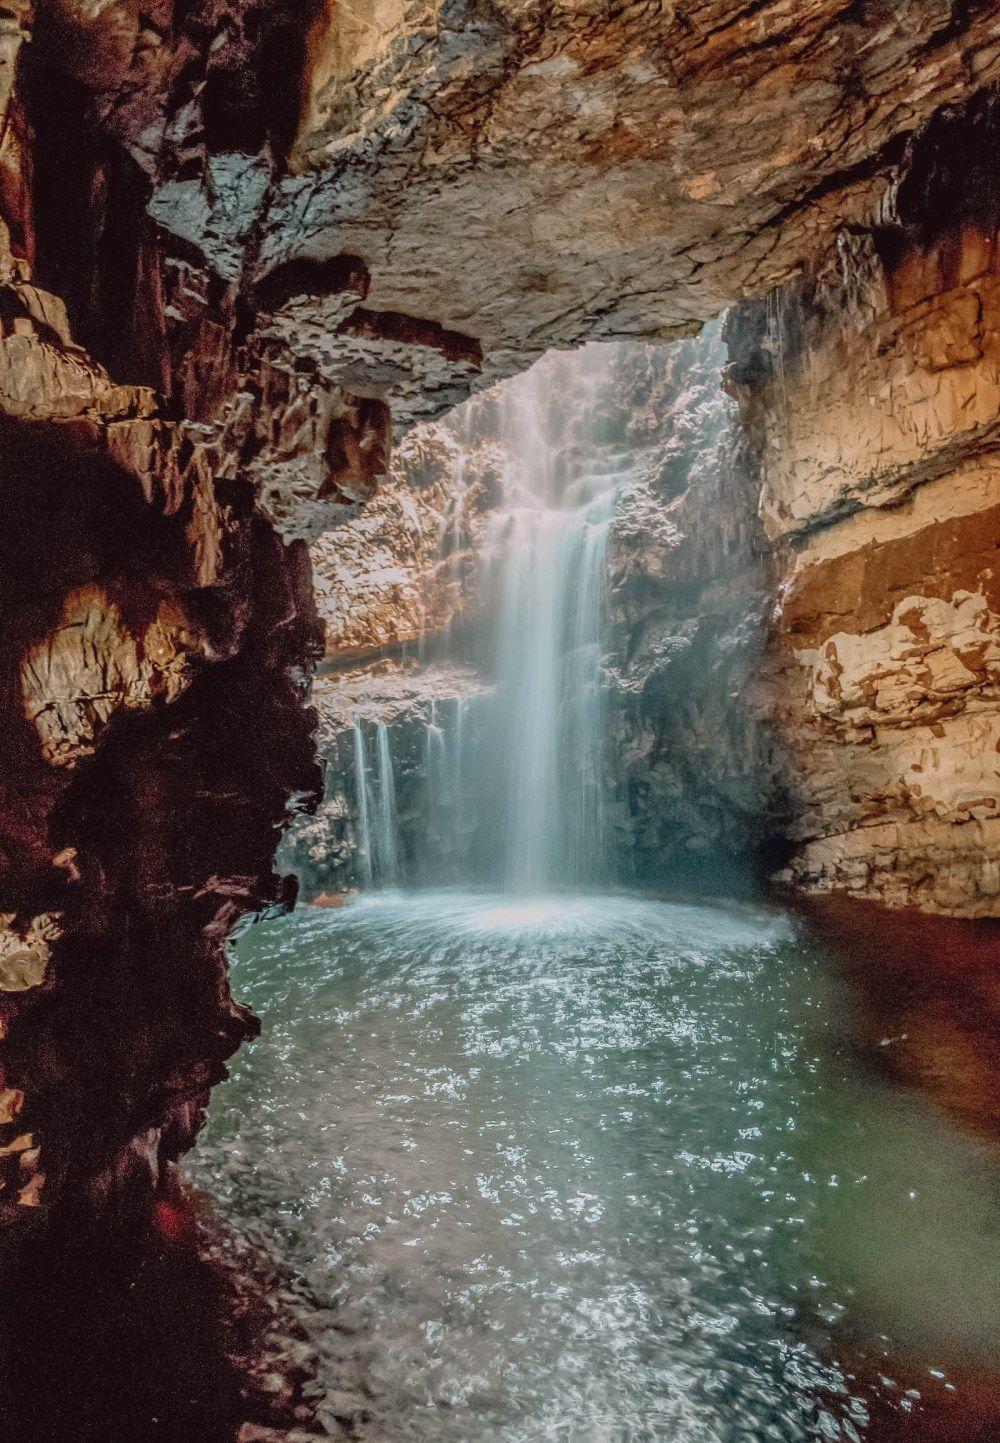 9 Unique Places In Scotland To Visit #Places #Scotland #travel dreams places to visit #Unique #Visit